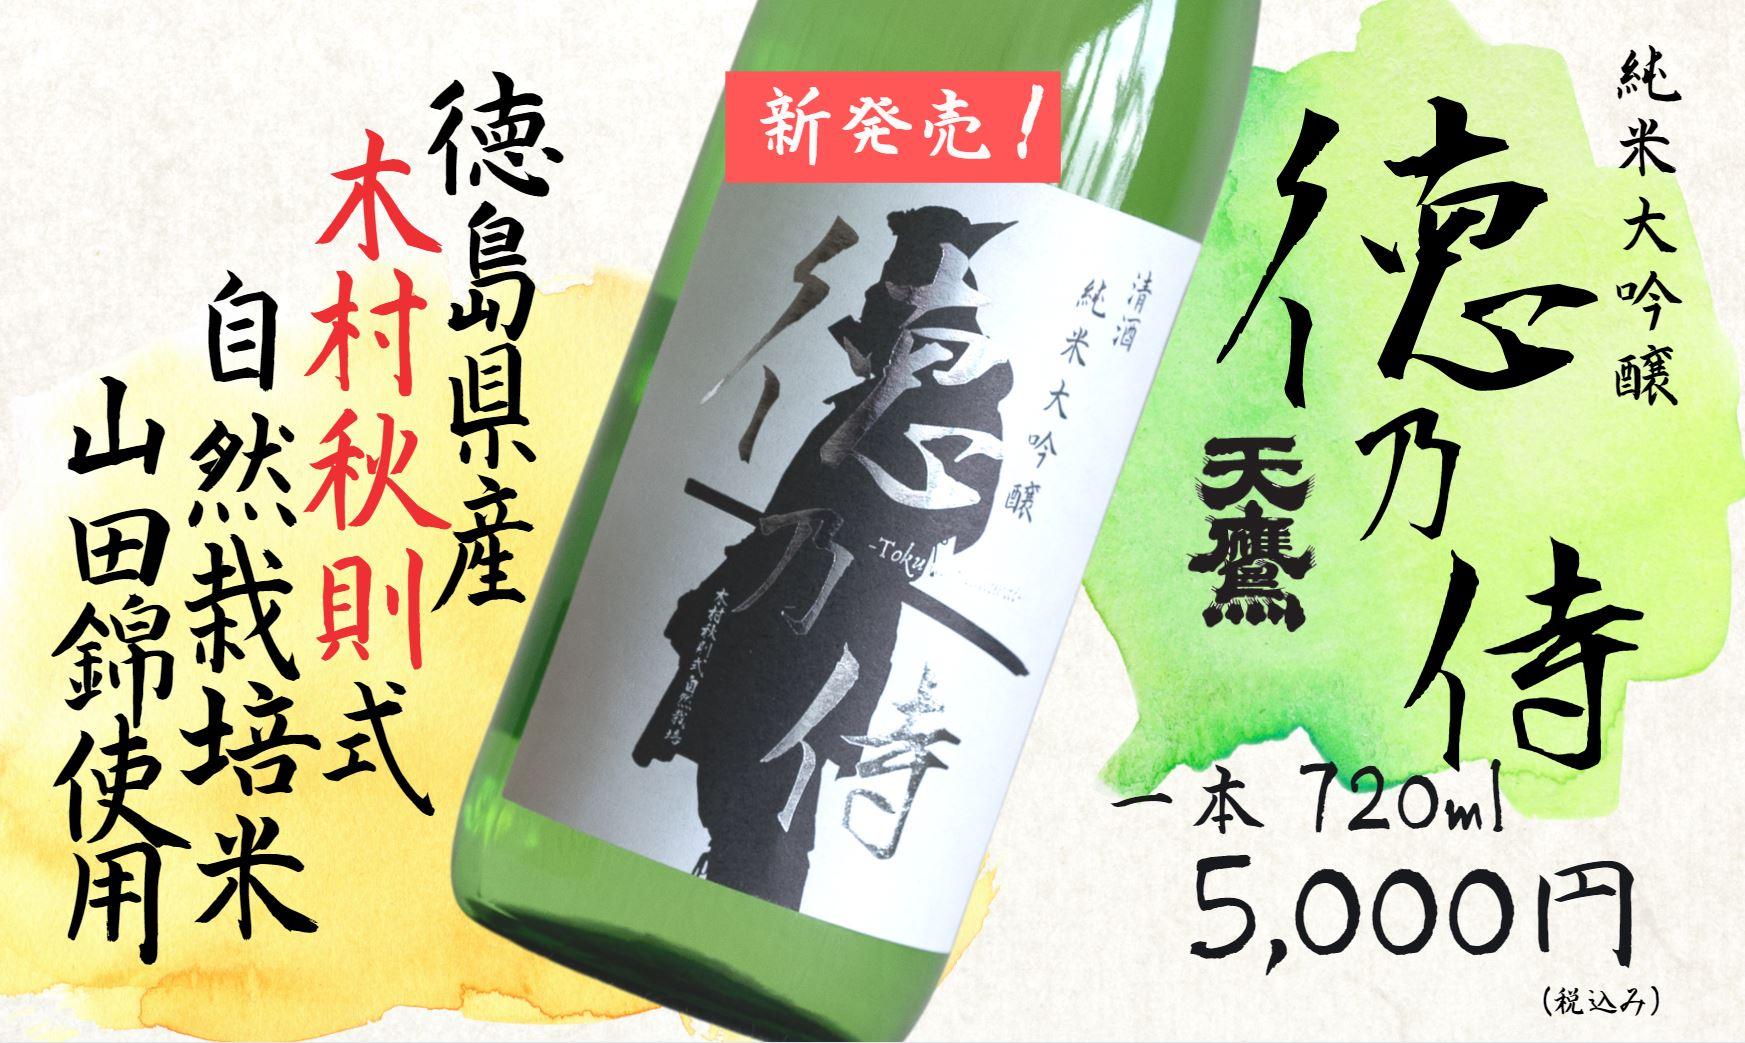 徳島県産の玄米の写真